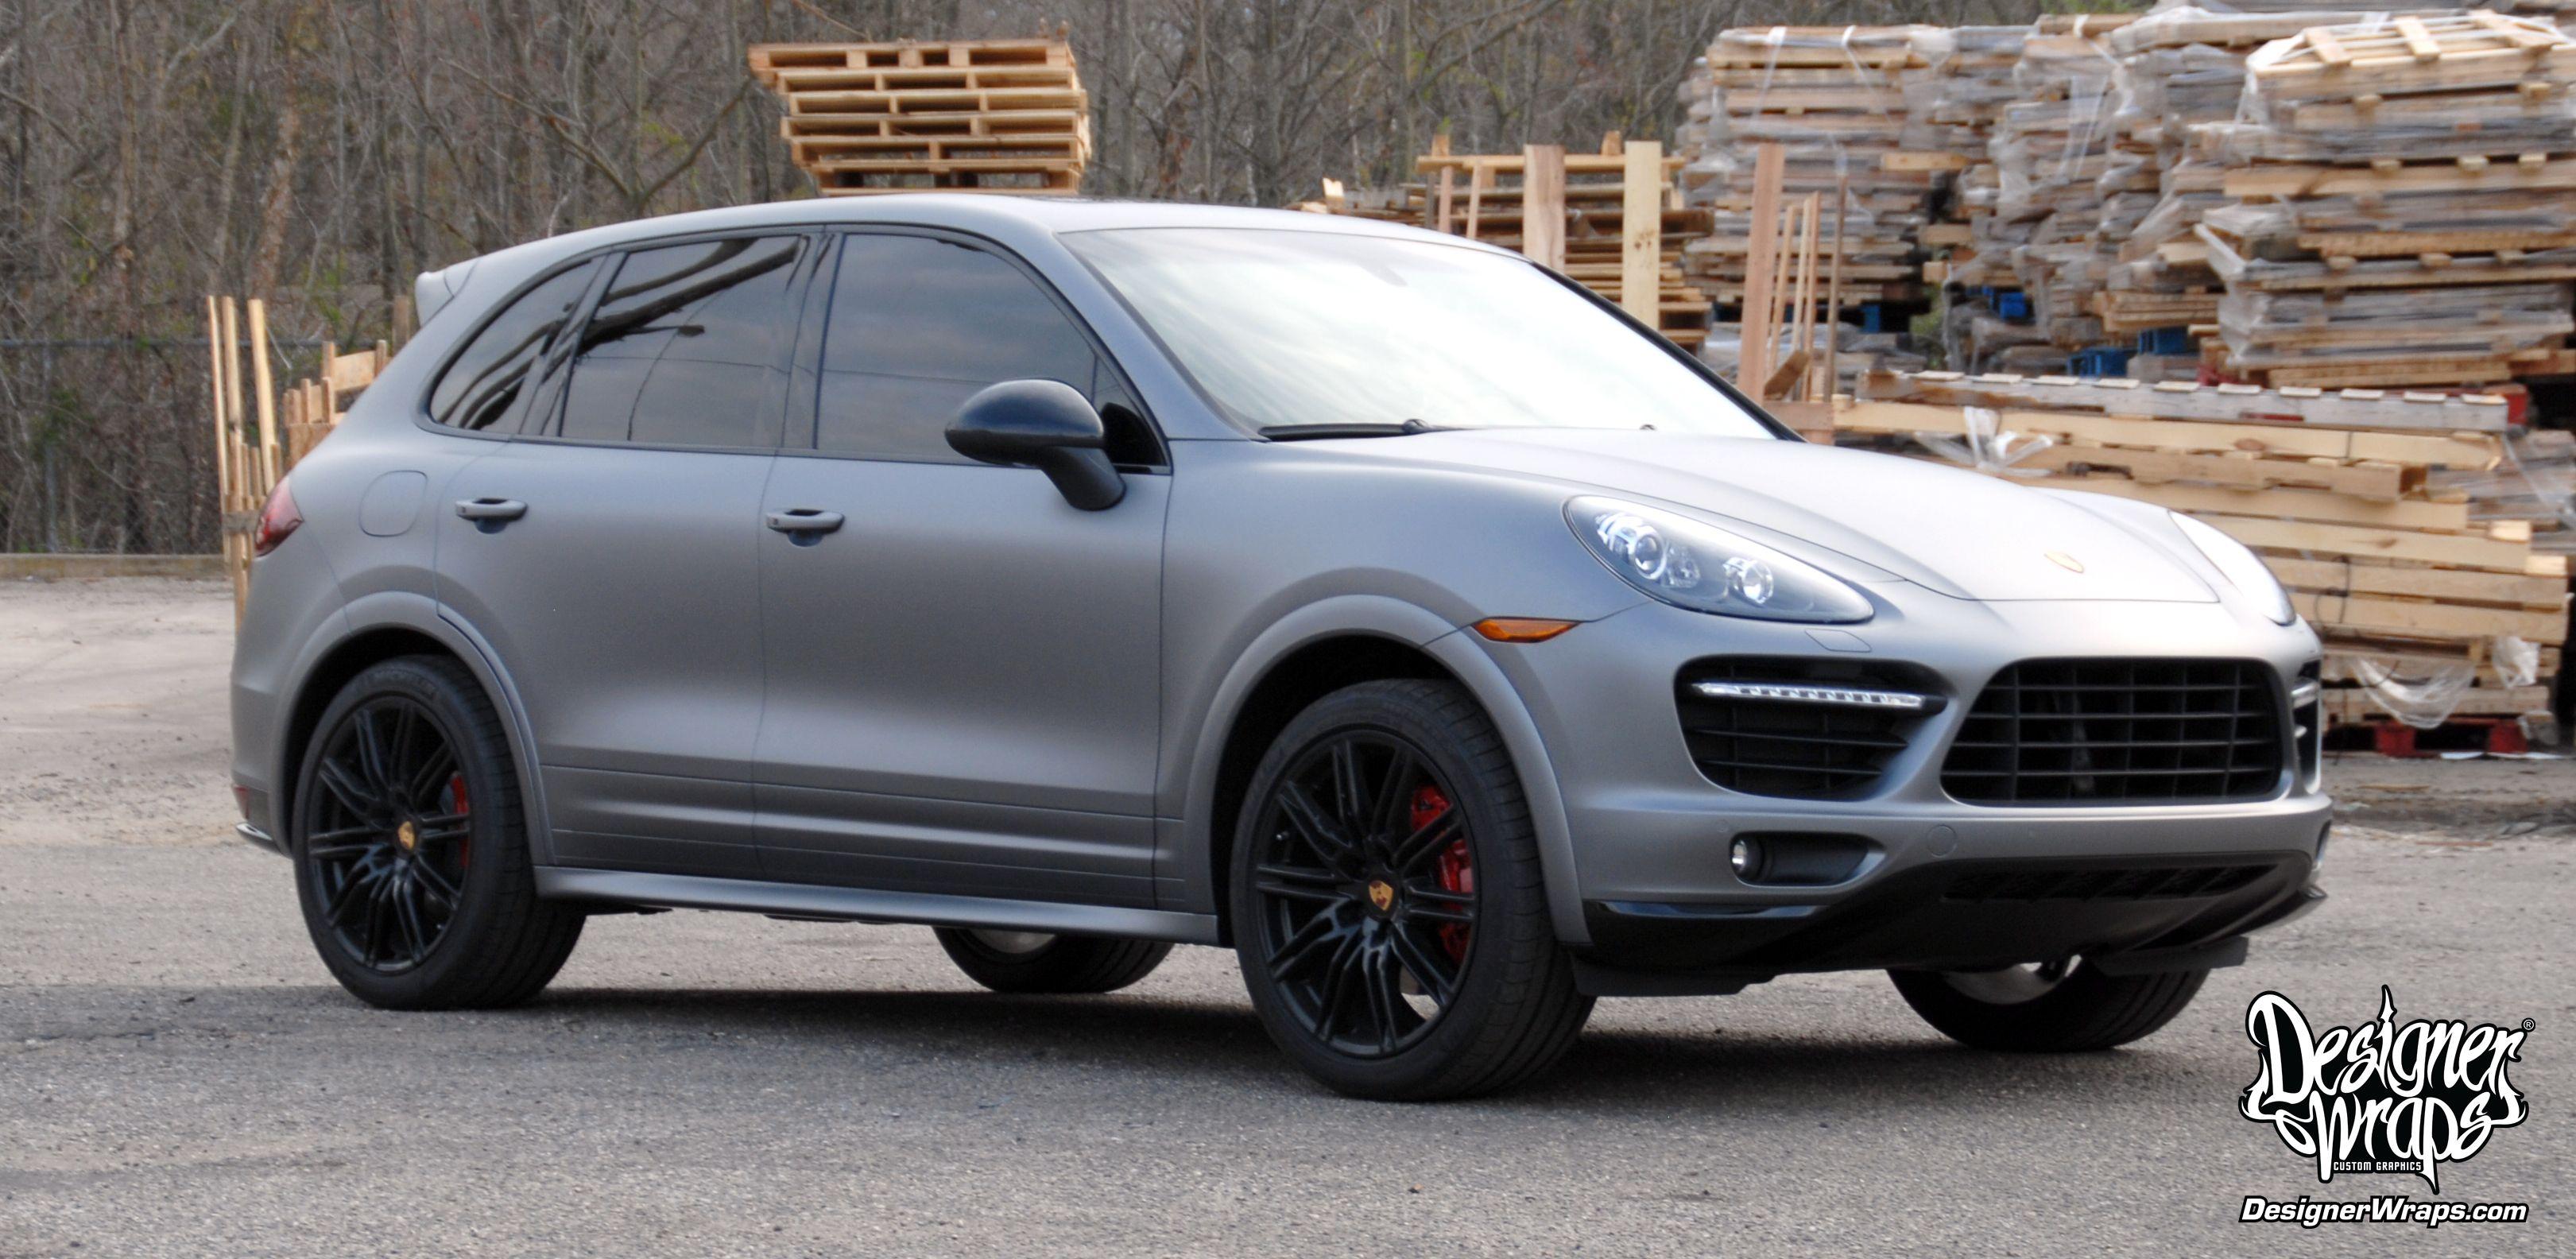 Image Result For Matte Grey Porsche Cayenne Porsche Cayenne Porsche Cayenne Turbo